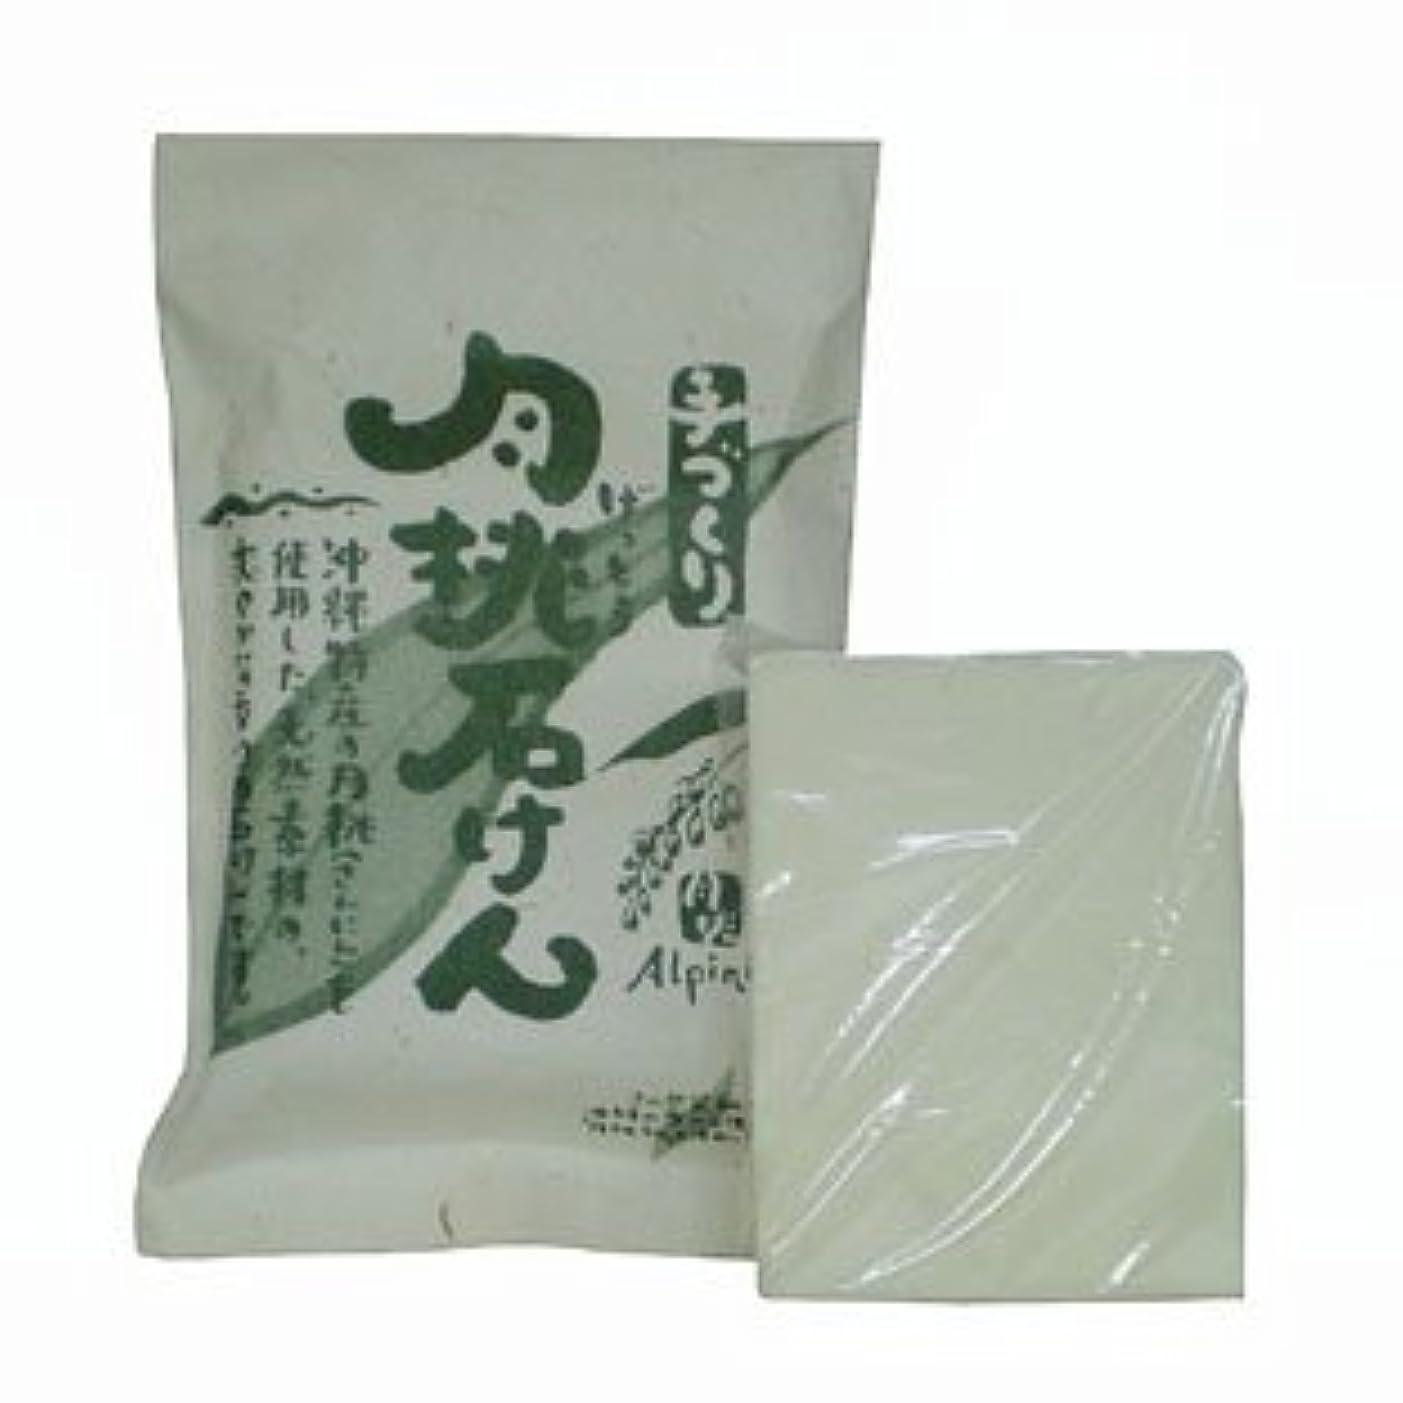 おじいちゃんネブグレー沖縄県産 月桃石けん/台所用石鹸(100g)